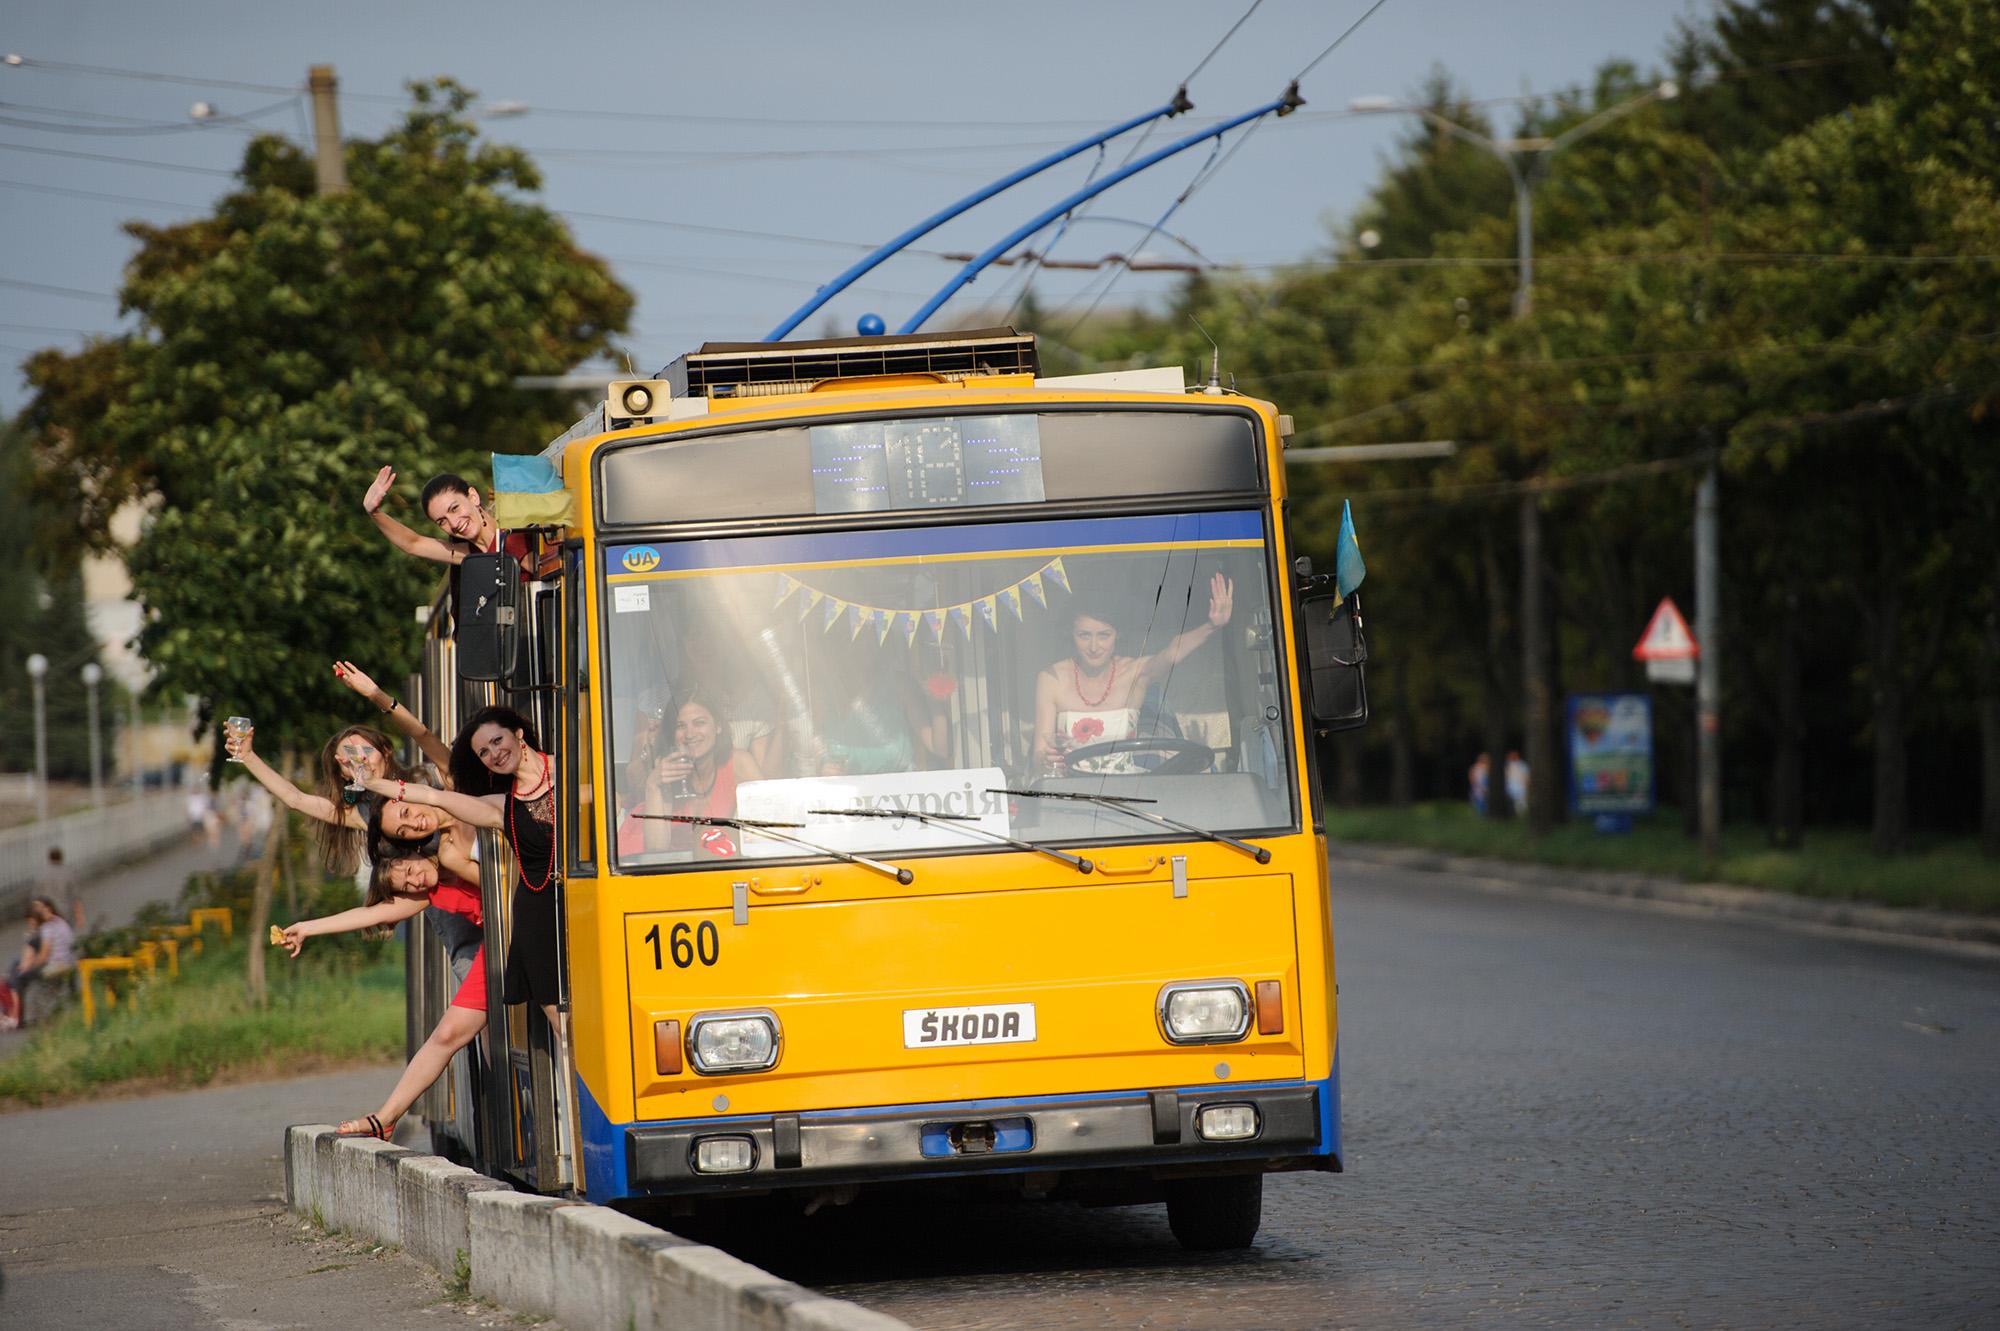 Замовити тролейбус на вечірку чи весілля у Тернополі можна за 300-500 грн.